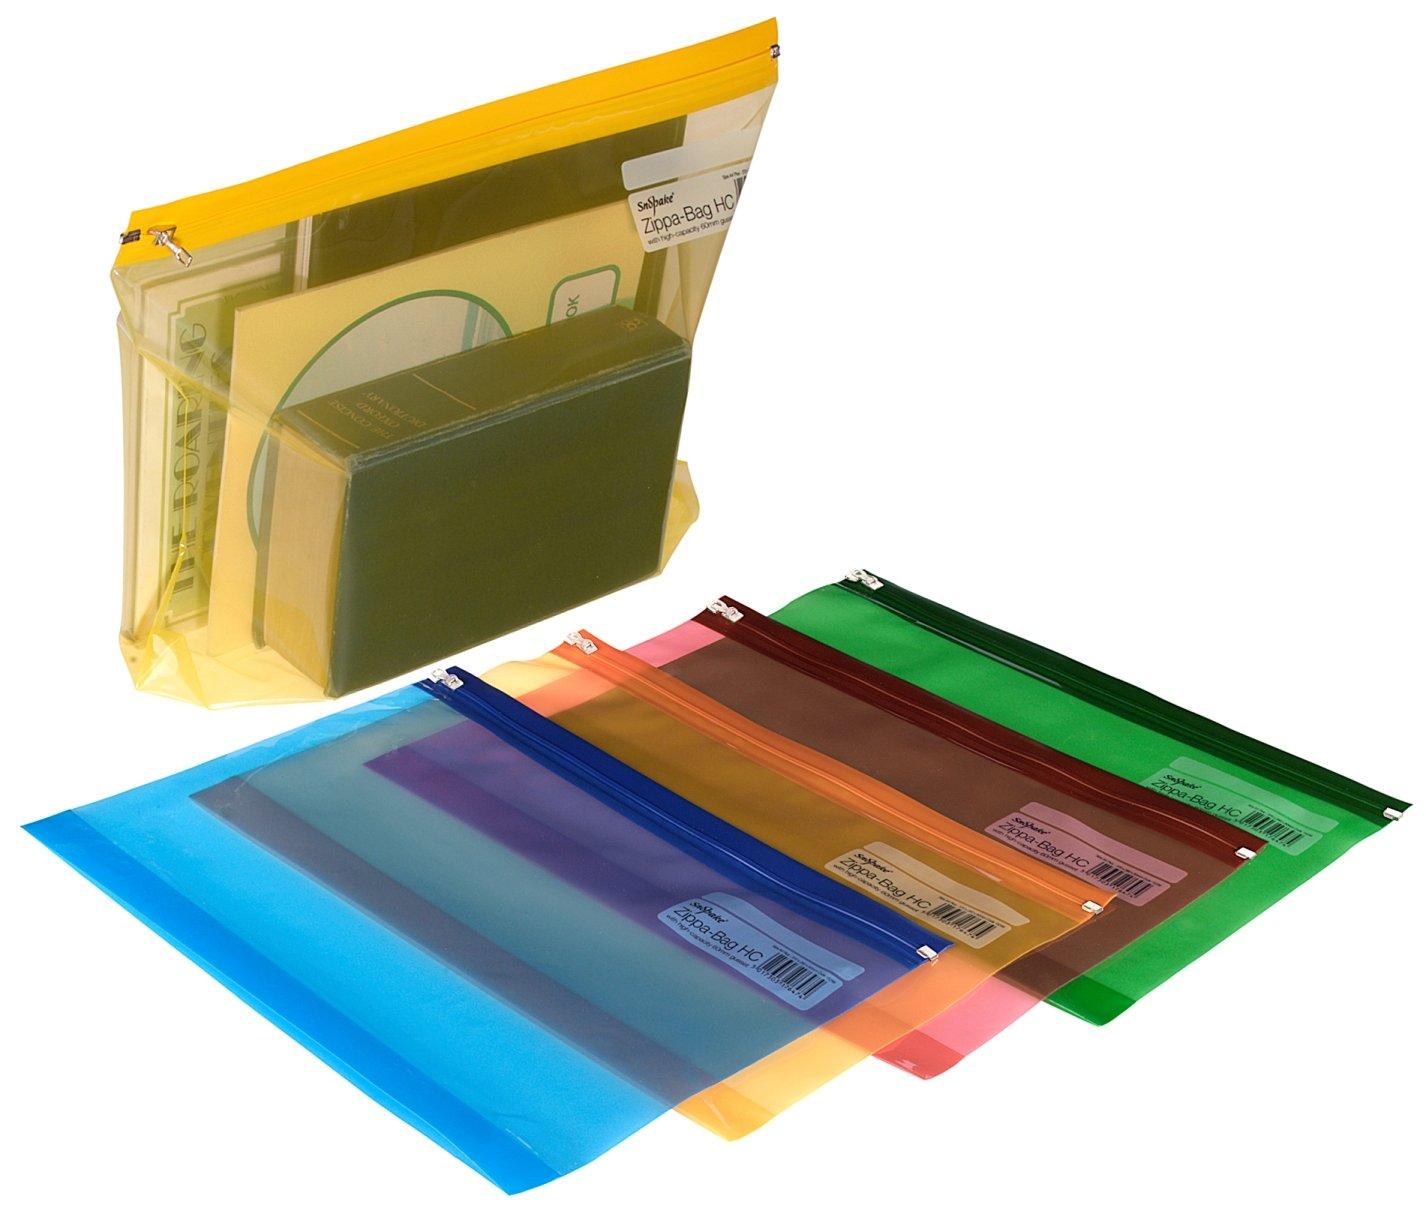 Snopake Electra Zippa Bag - Busta richiudibile con zip, formato A4+, 5 pezzi, trasparente, colori assortiti Snopake Ltd 15299